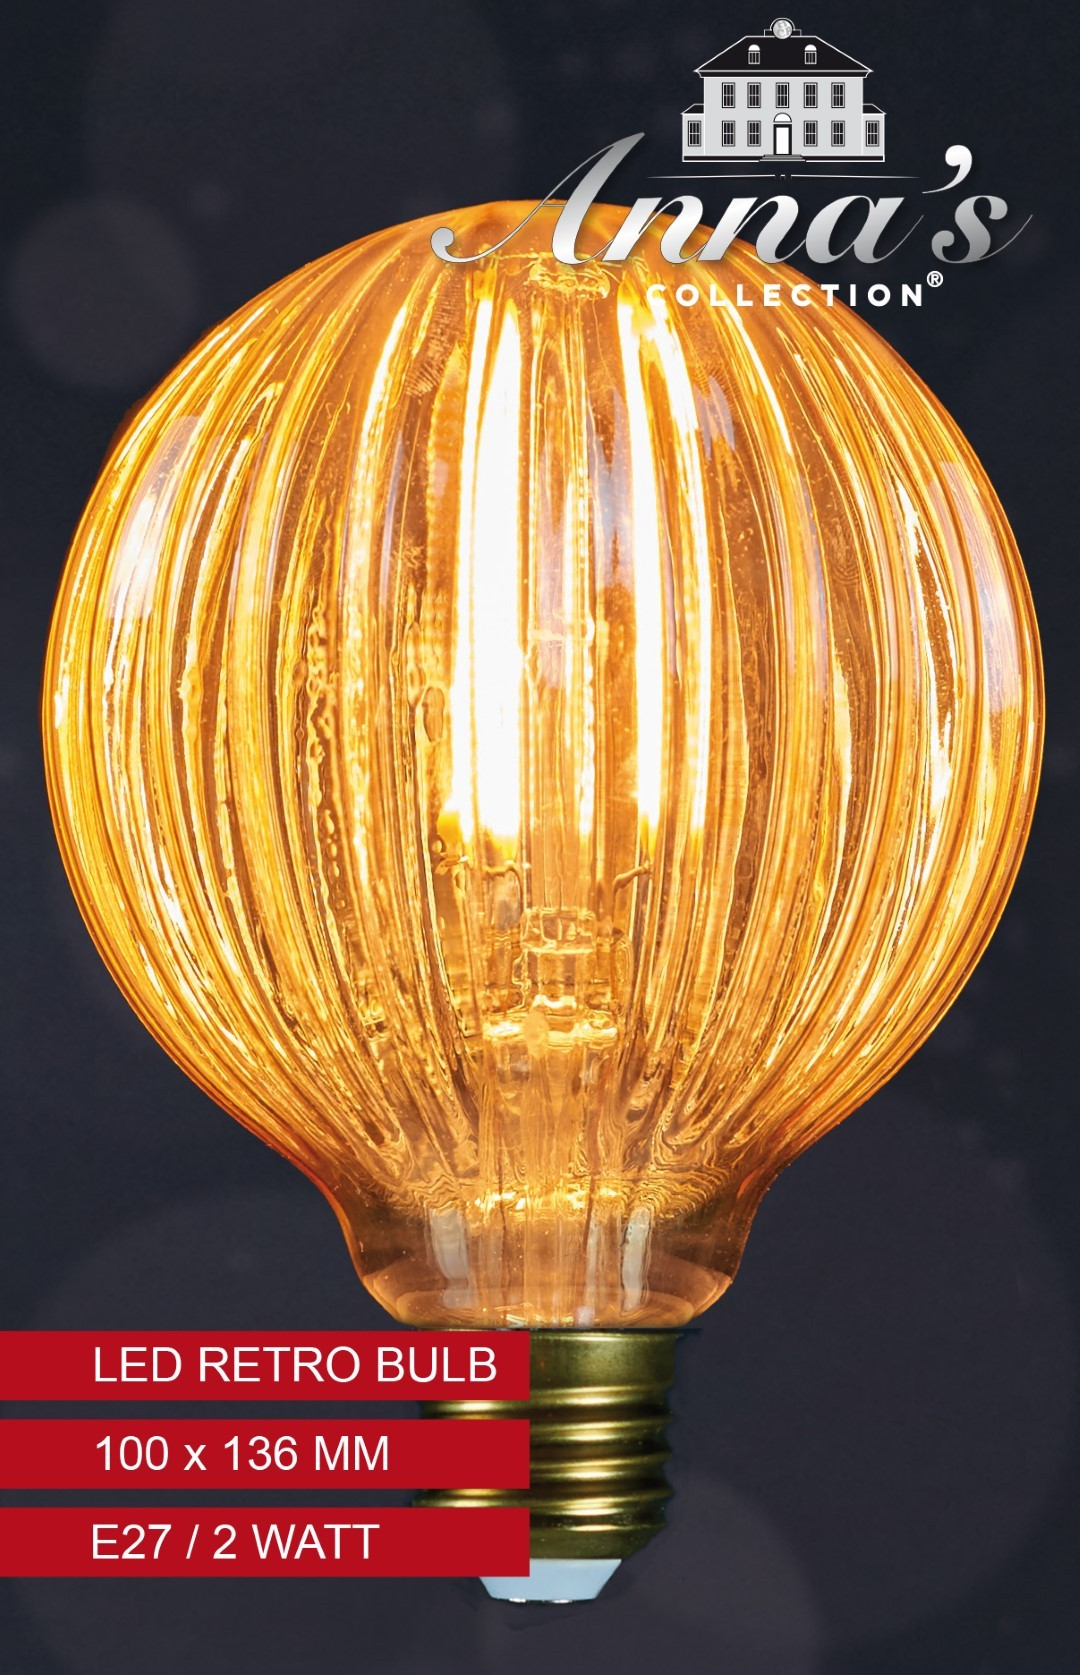 Led retro lamp pompoen 100x136mm 2w/e27 Anna's collection